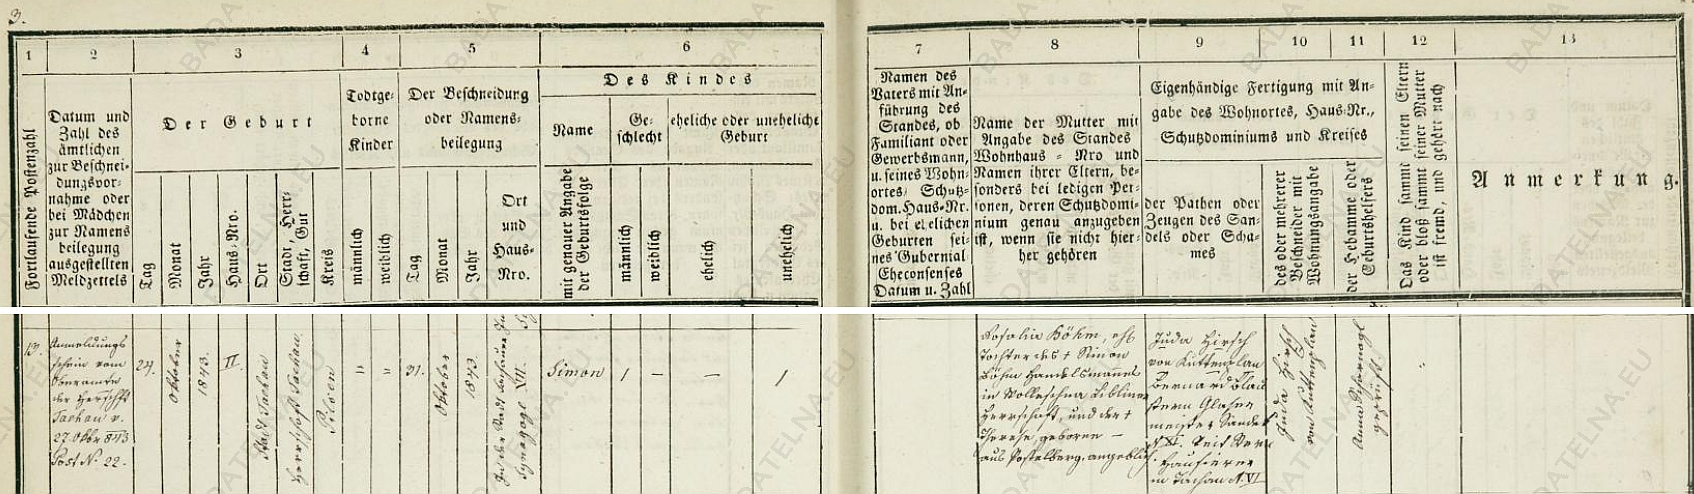 Pravděpodobný záznam o jeho narození v tachovské židovské matrice